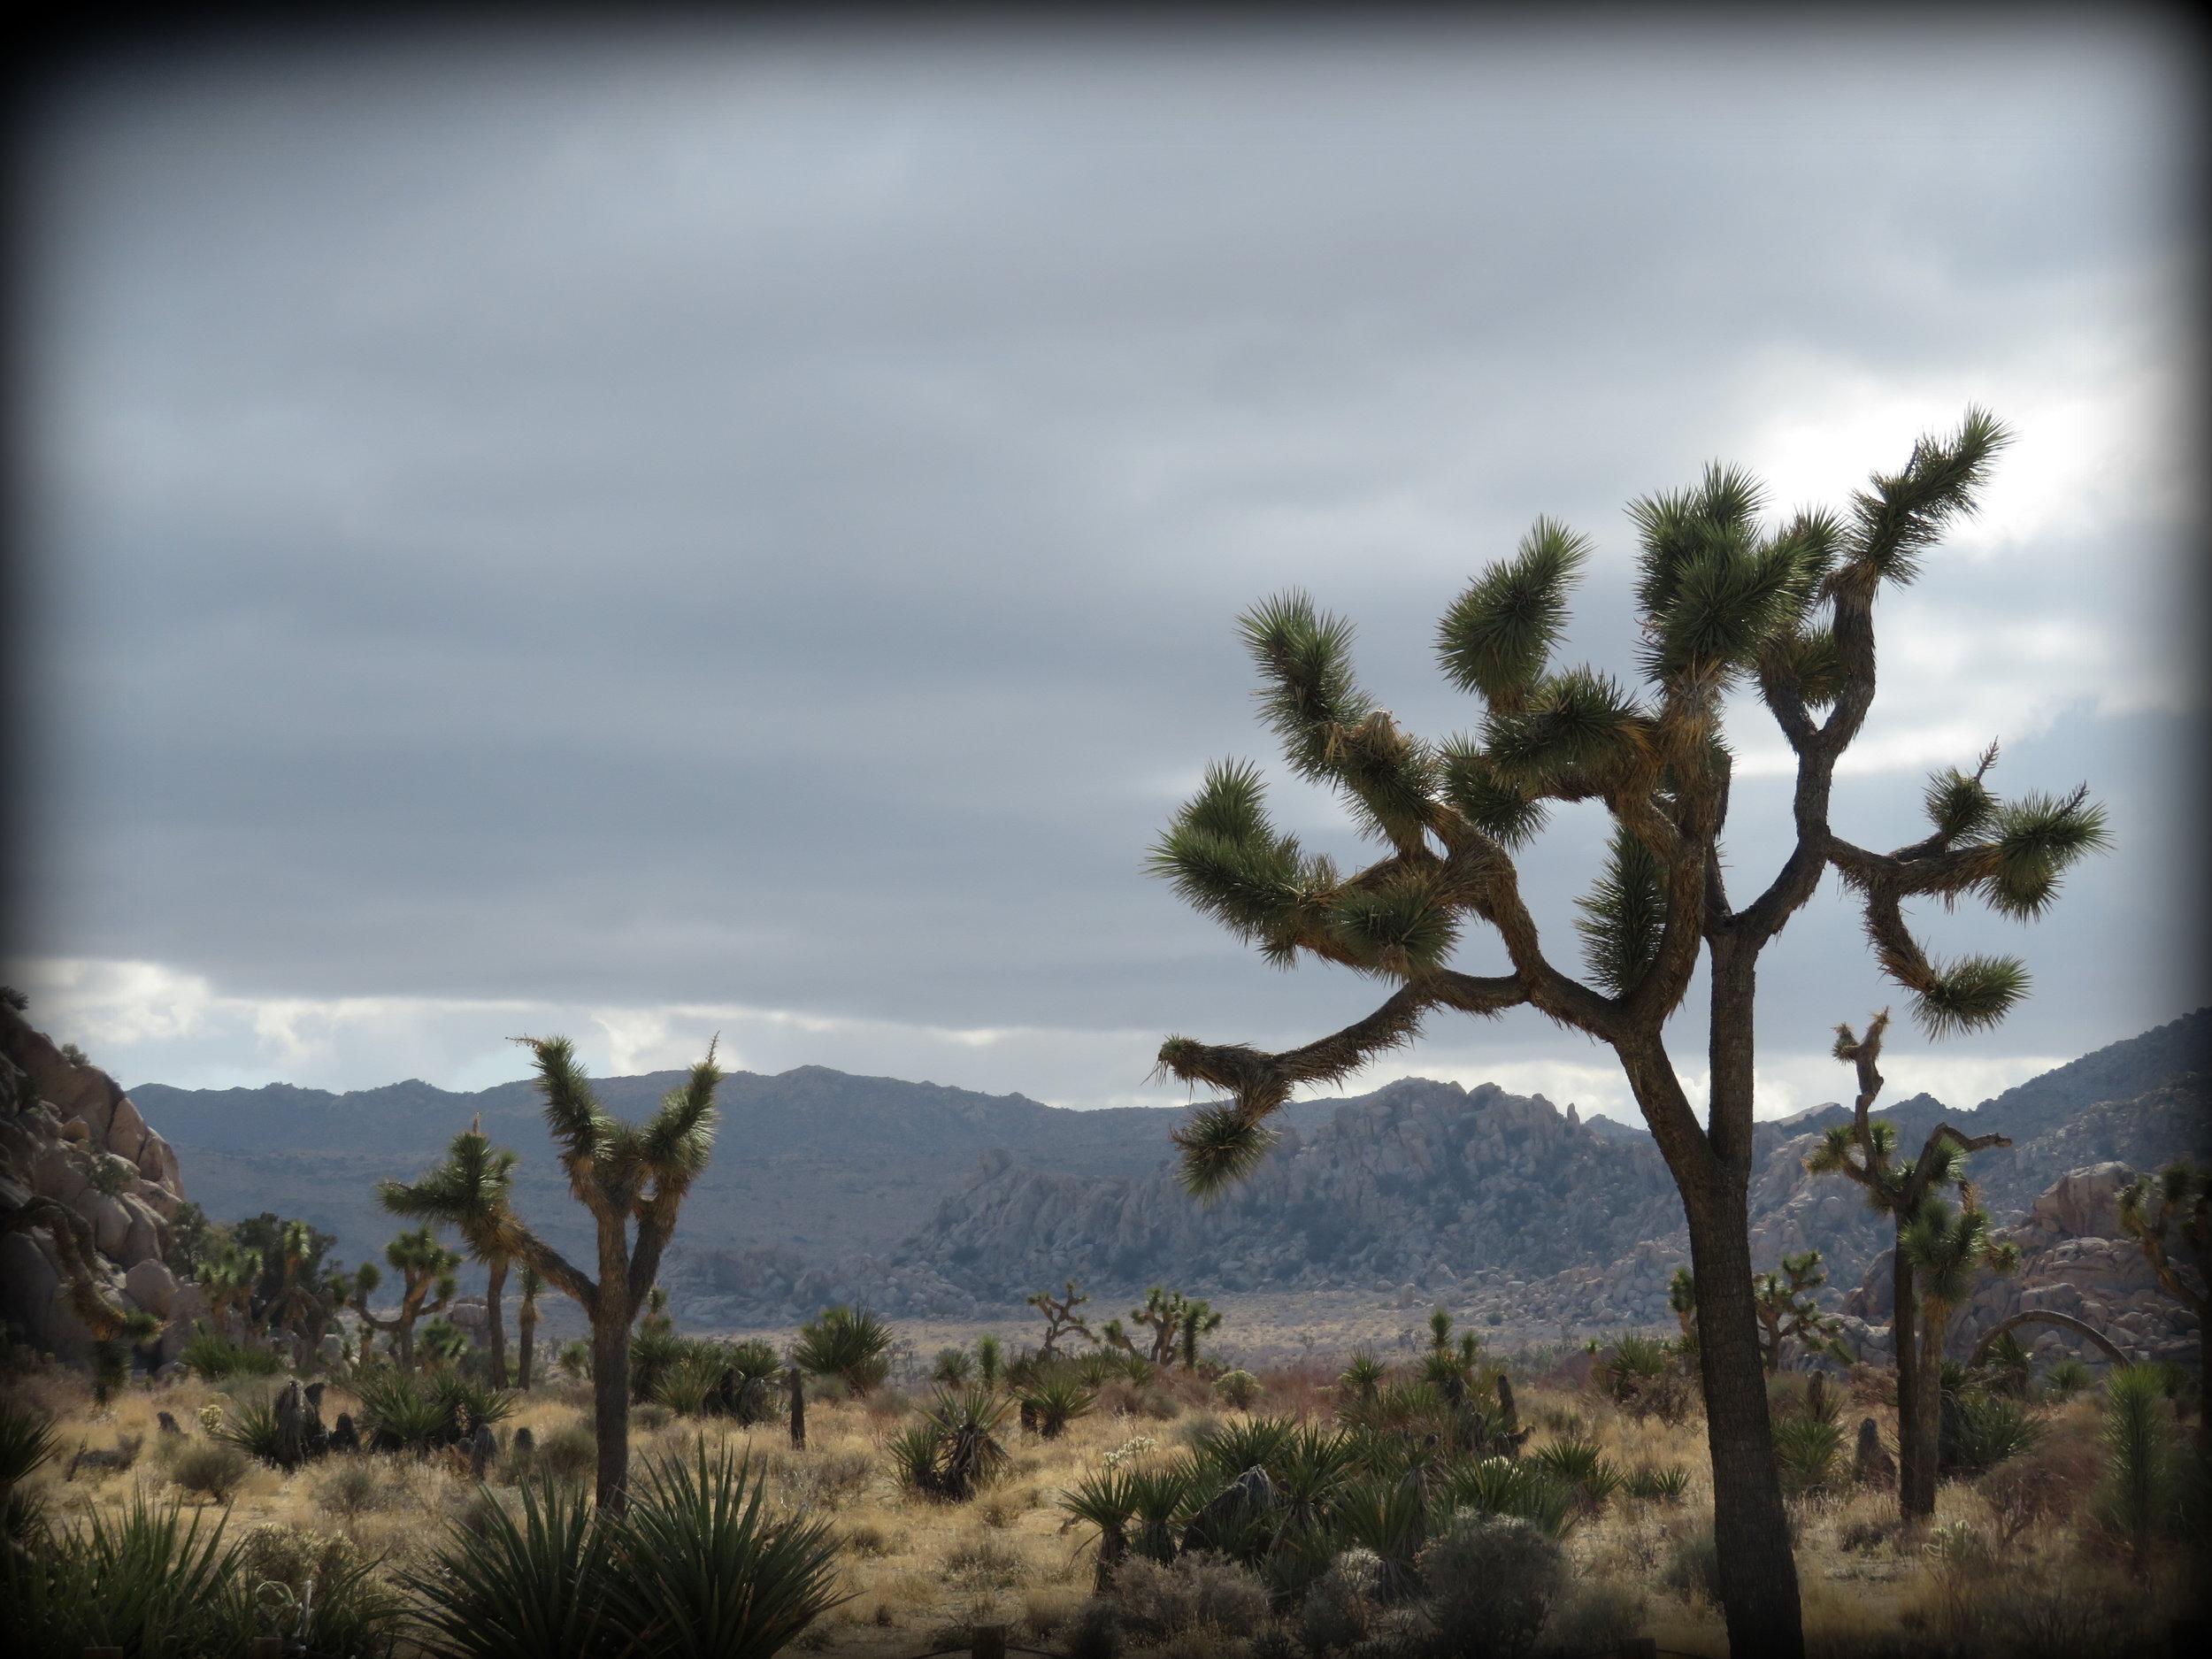 Joshua Tree National Park , California - 2018